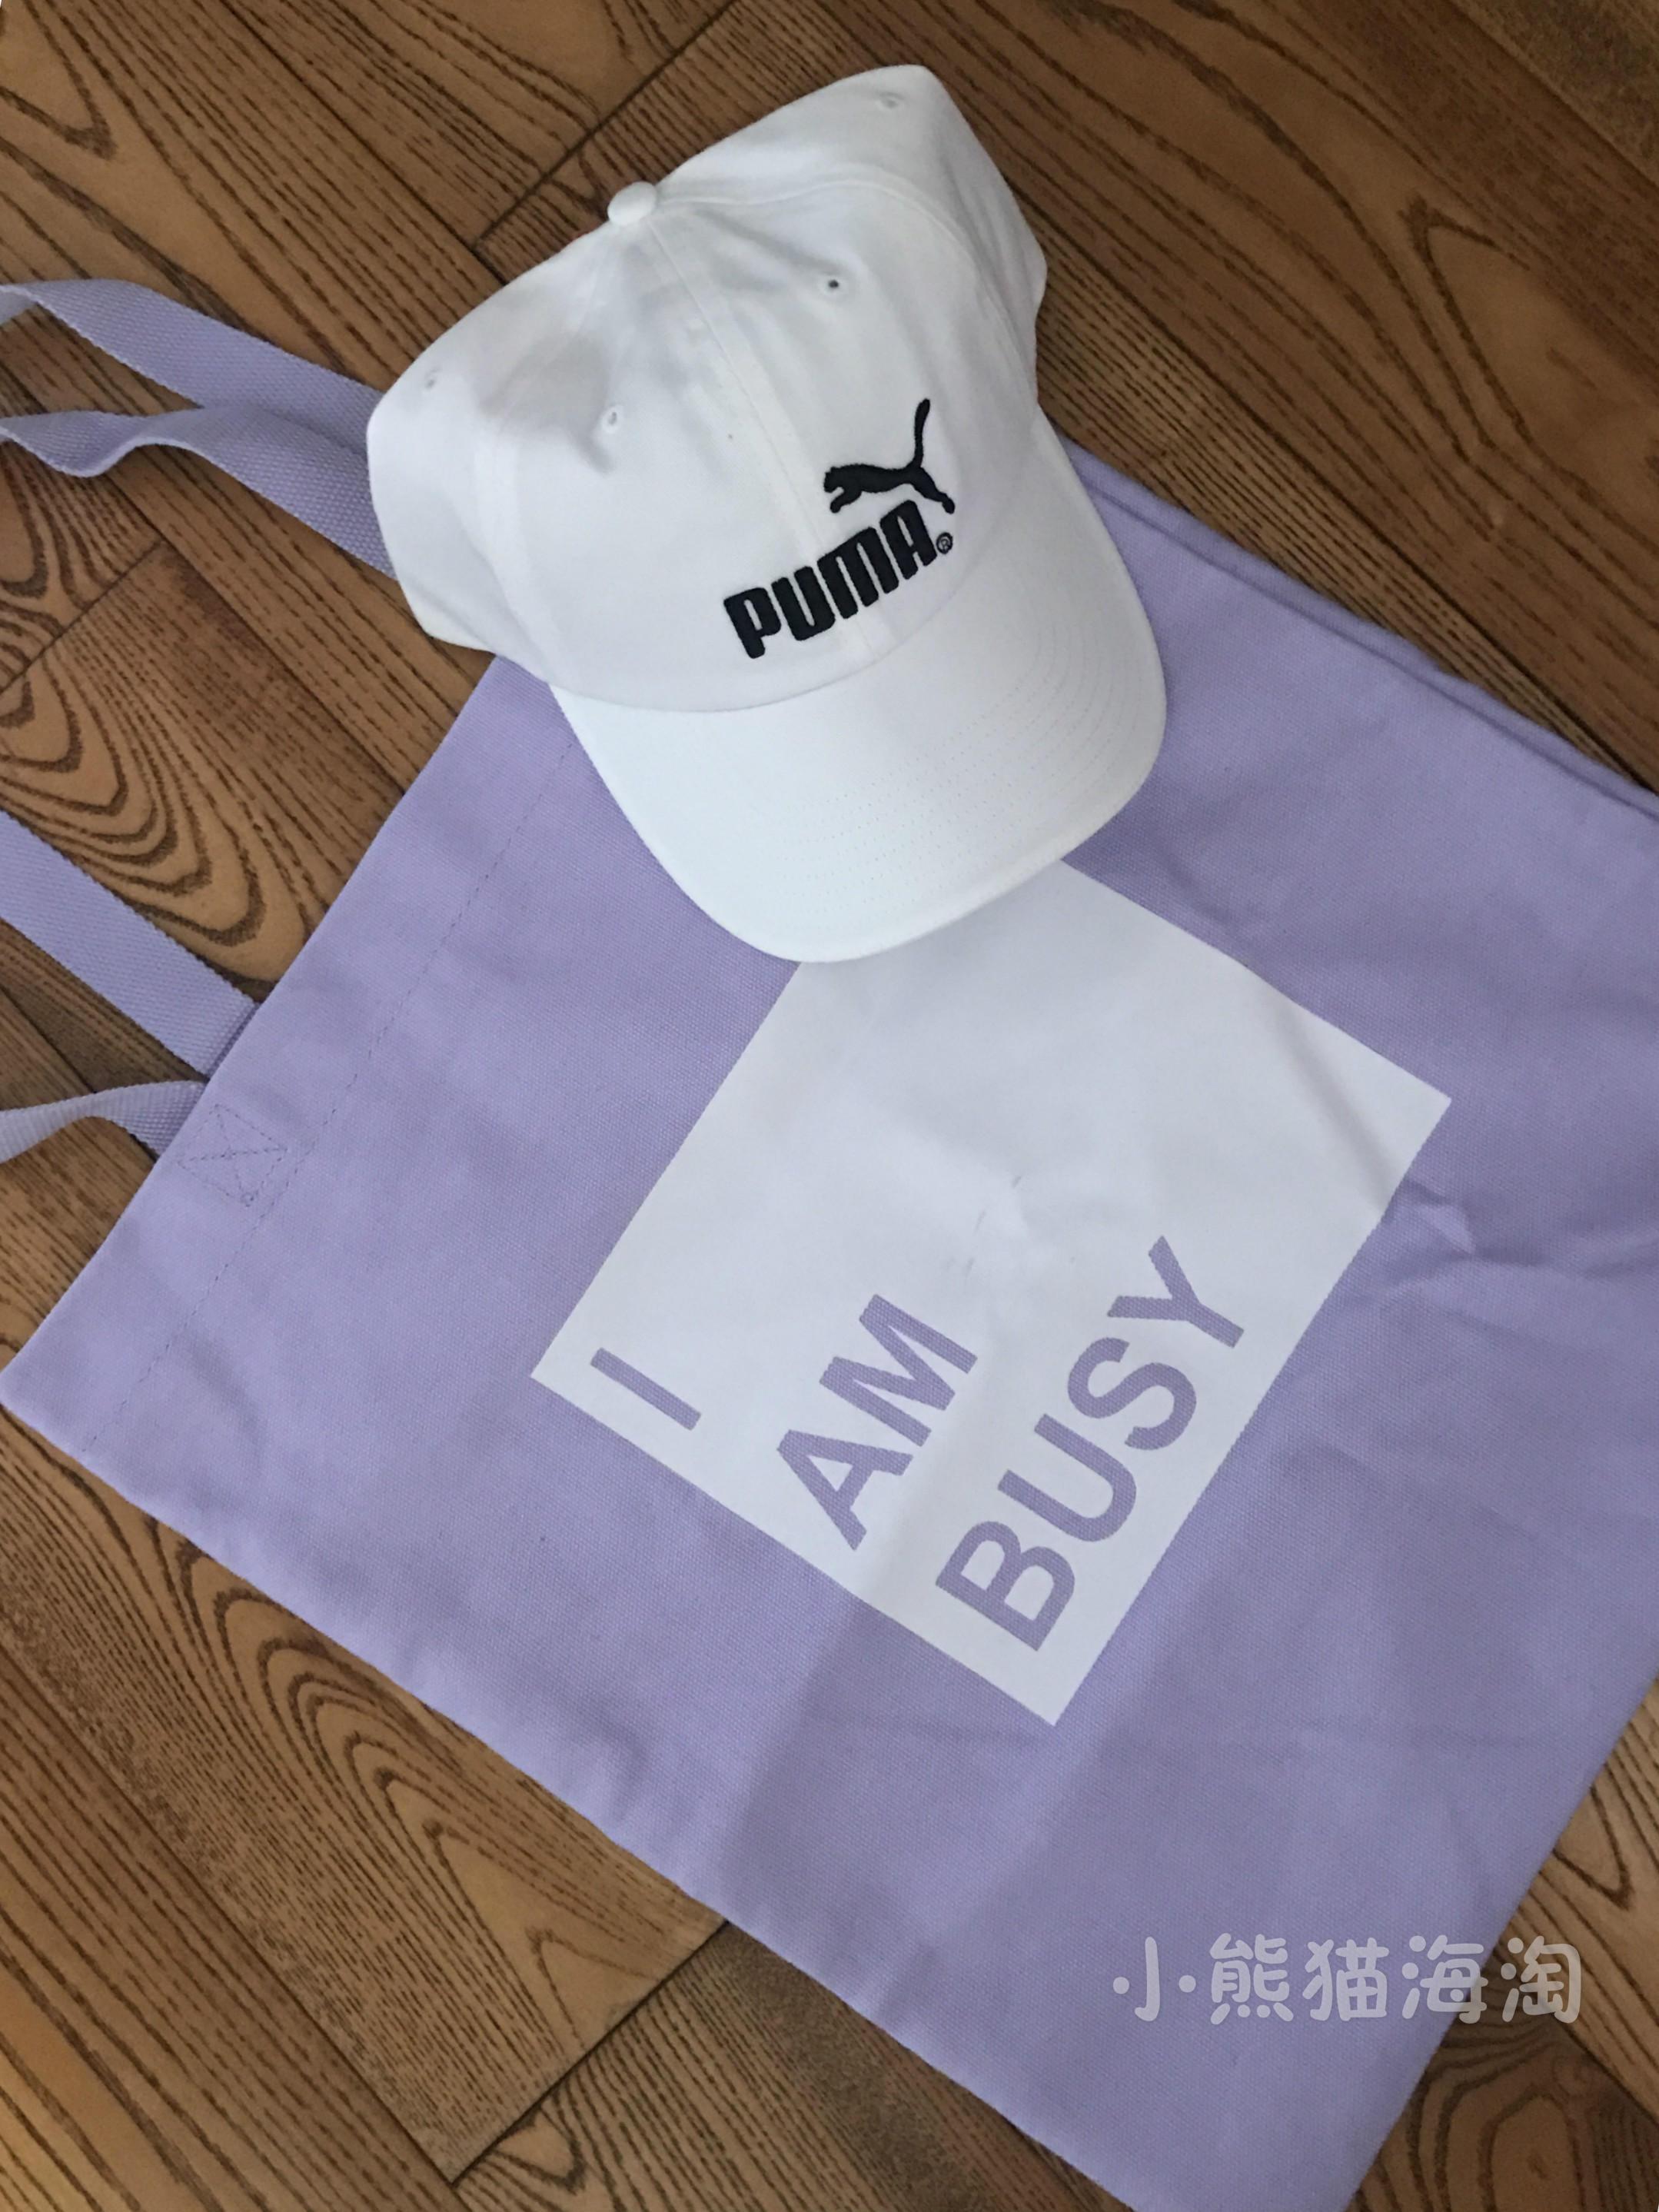 紫色帆布包 【现货清仓】BDG&UO 单肩包I am busy双层帆布休闲包 淡紫色购物_推荐淘宝好看的紫色帆布包